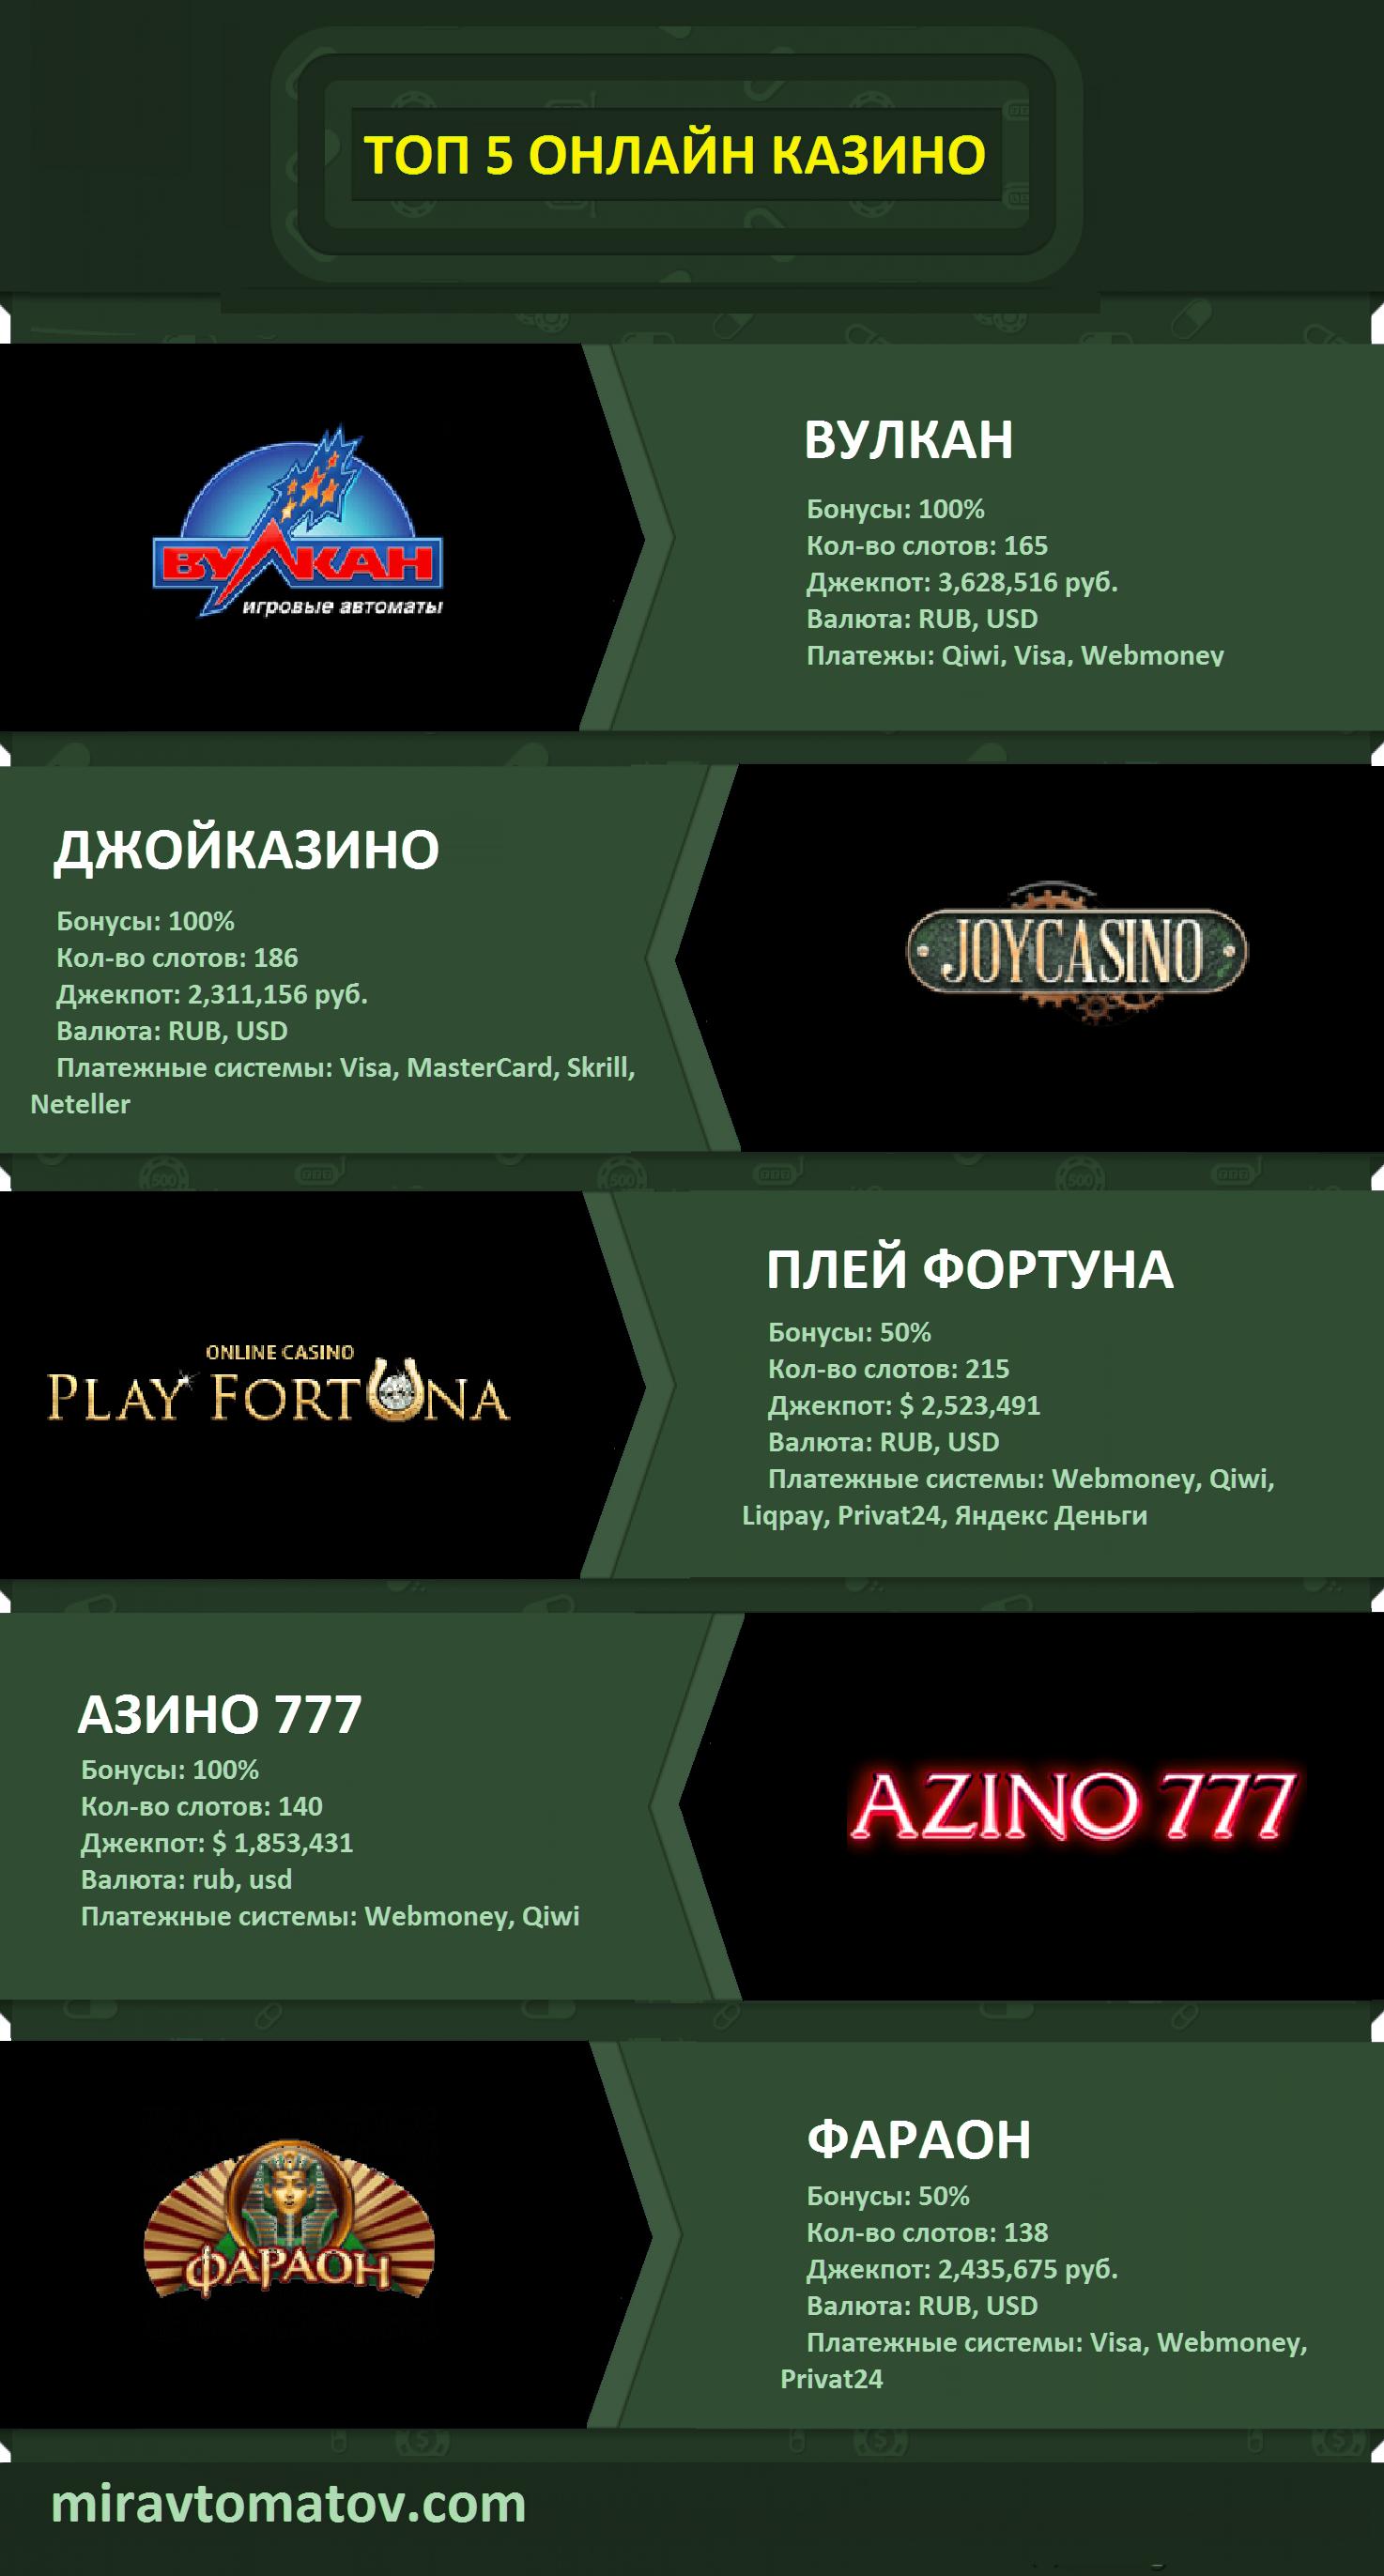 Бесплатные игры на слот машинах